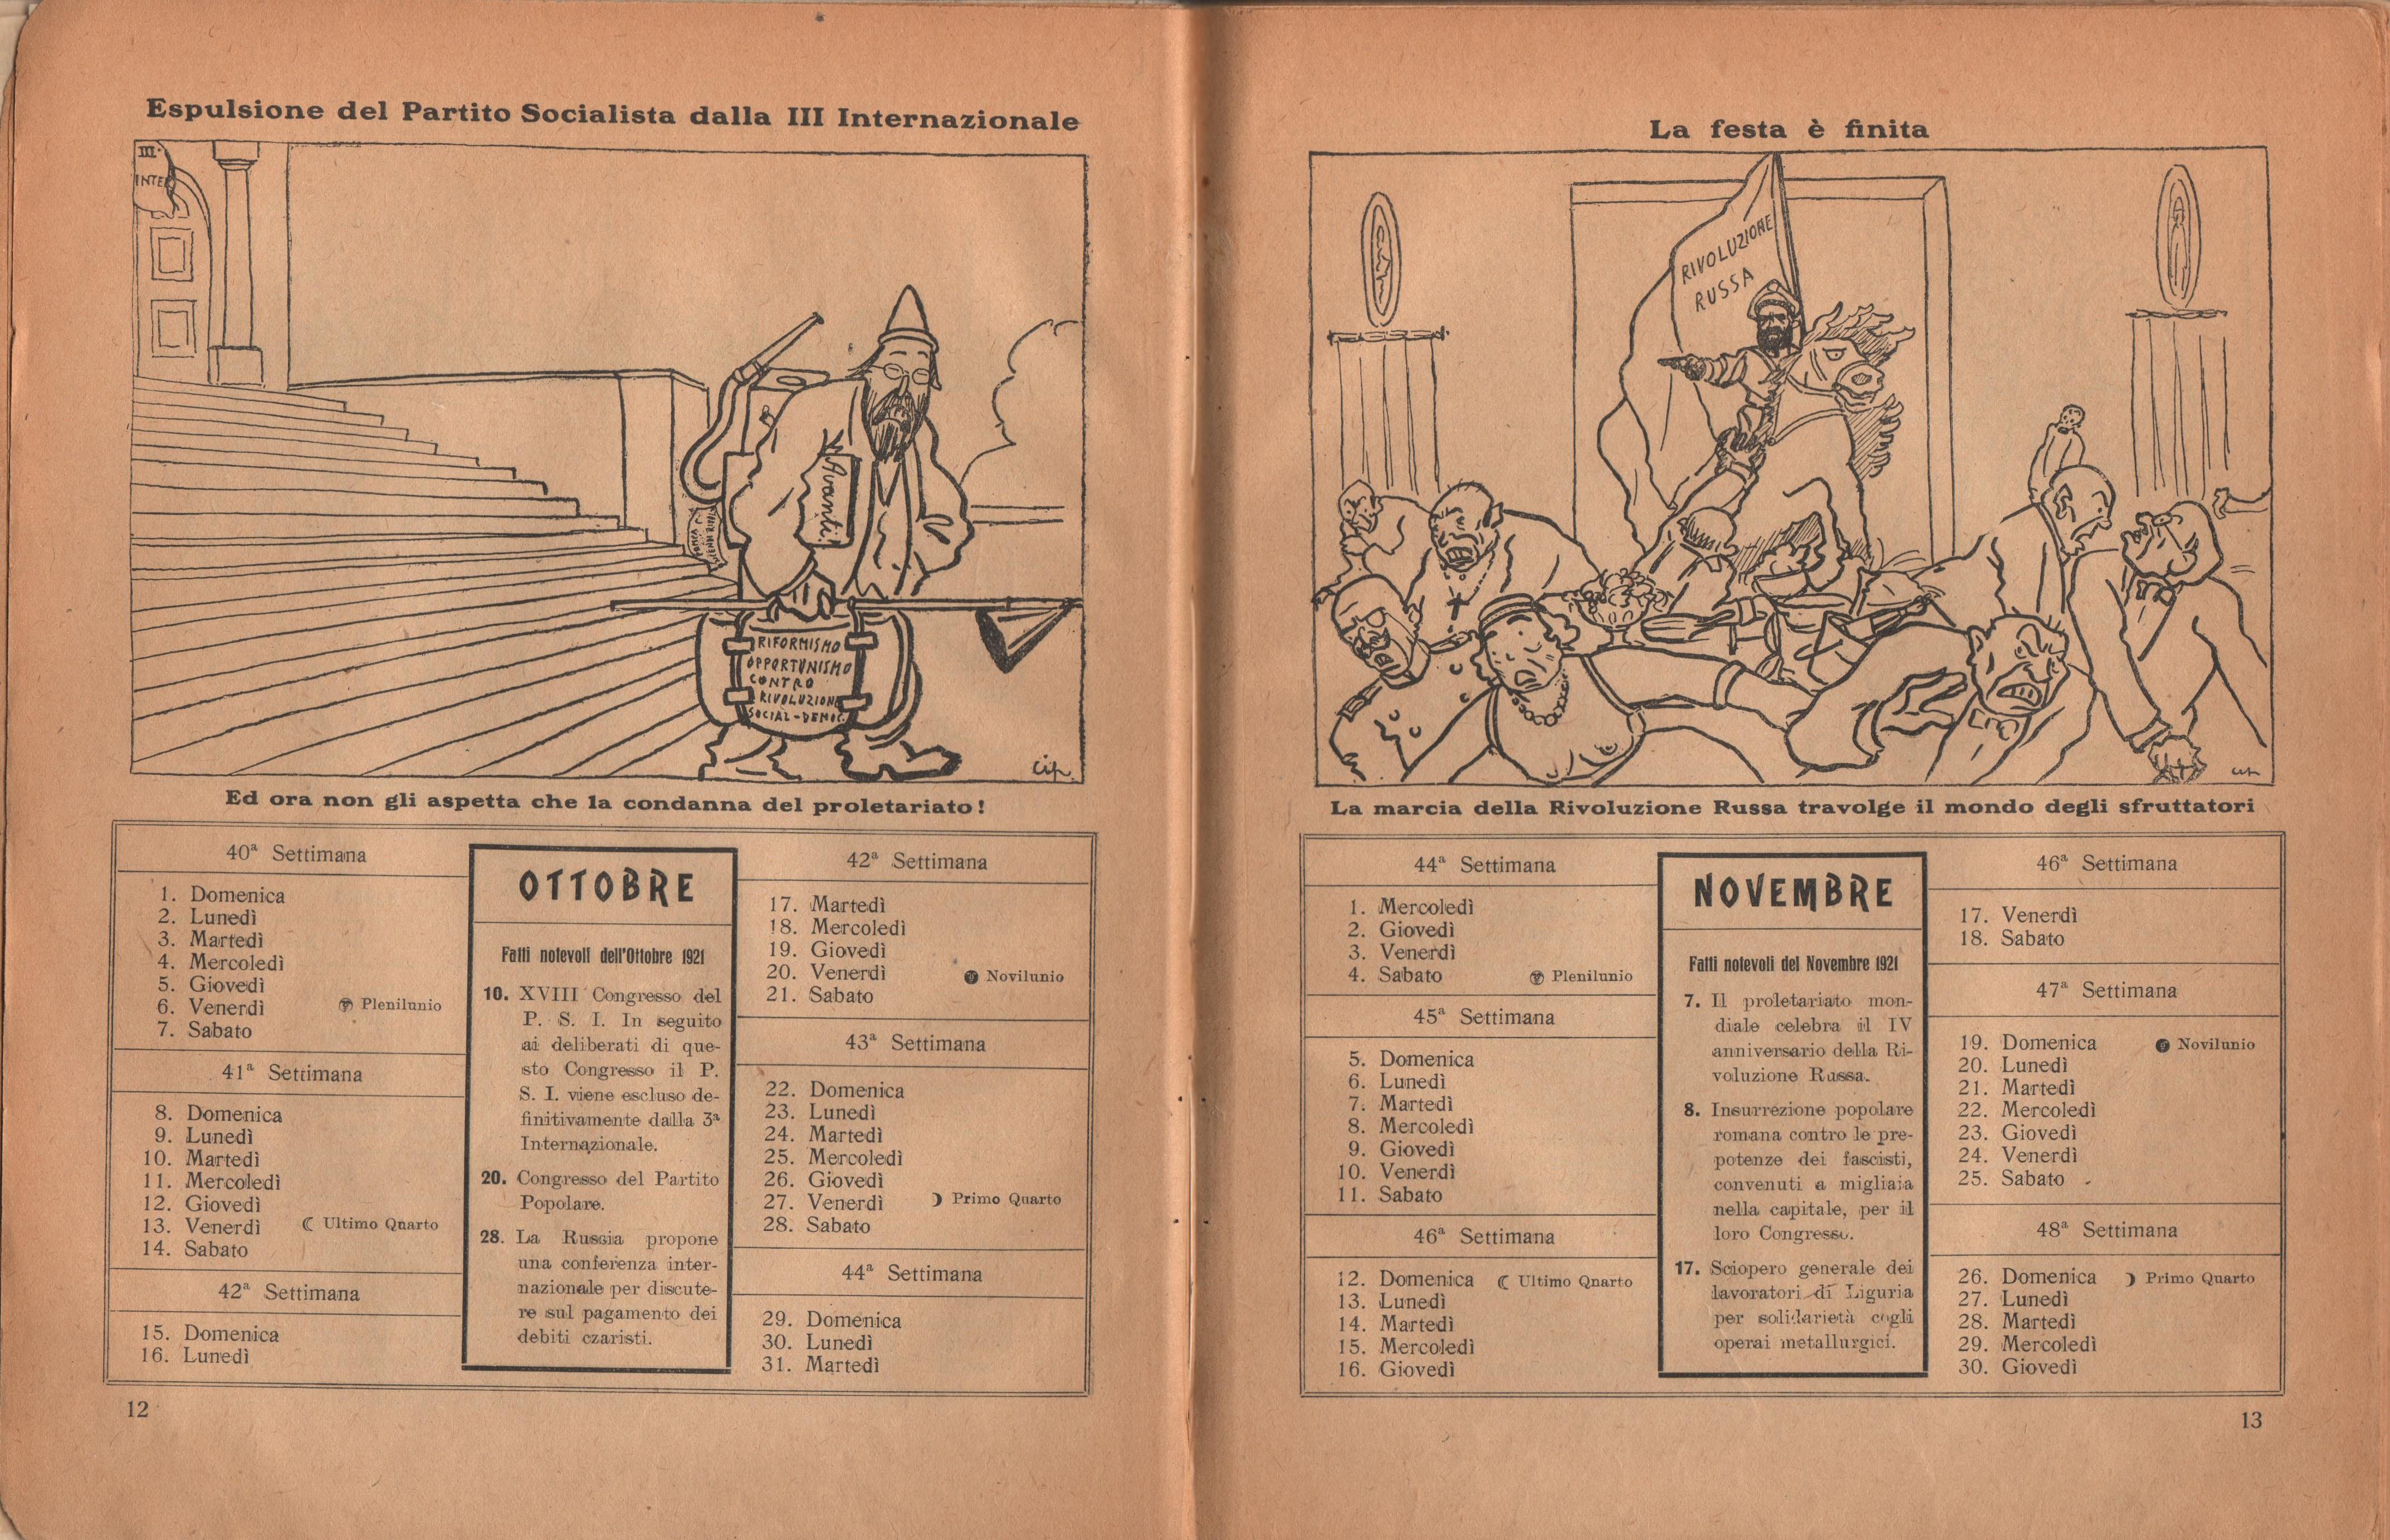 Almanacco comunista 1922 - pag. 8